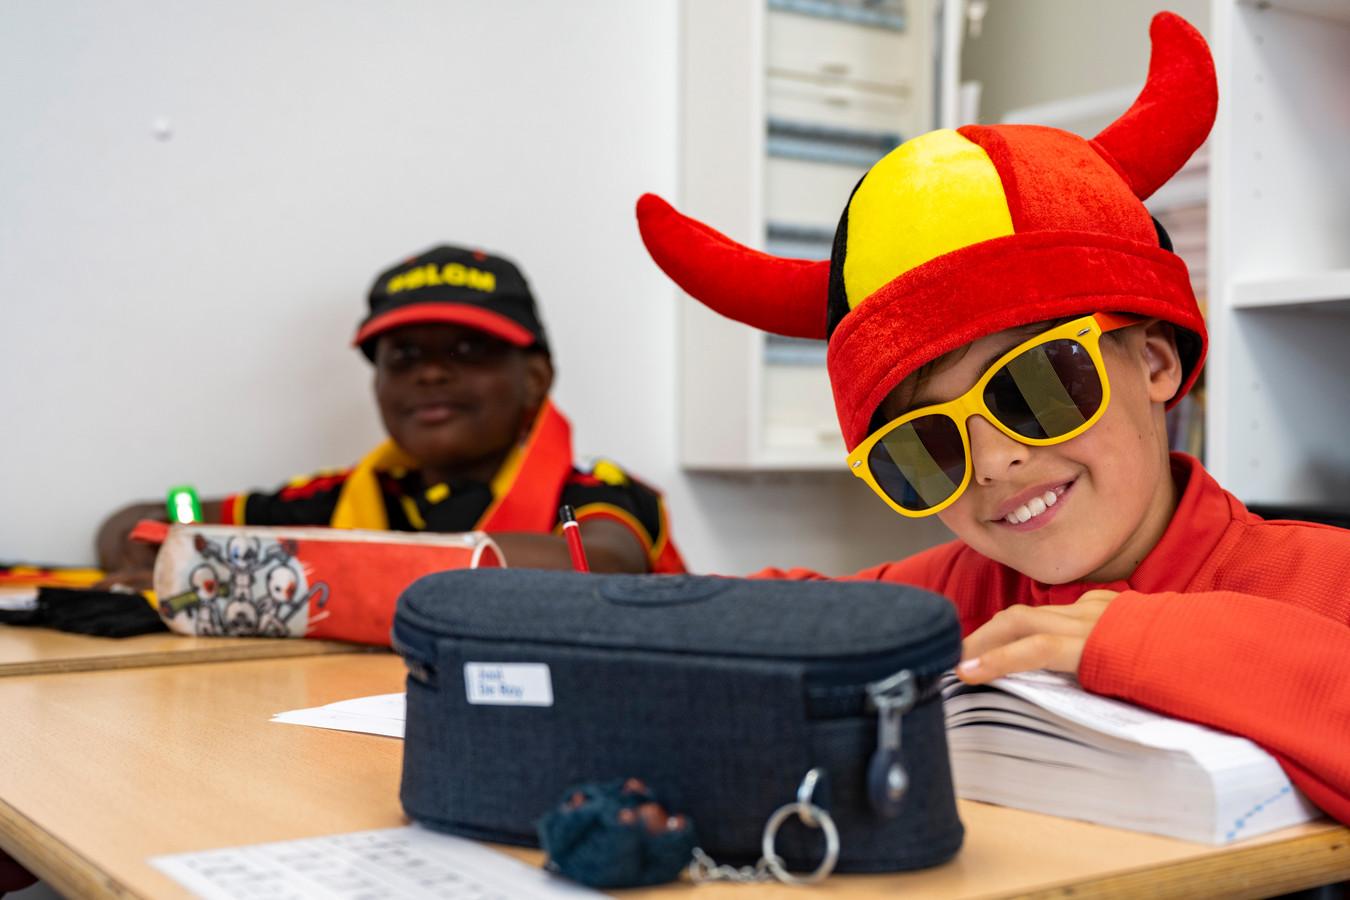 De les volgen kan evengoed als supporter van de Rode Duivels, zo vinden ze in het Vrije Basisschool Opstal